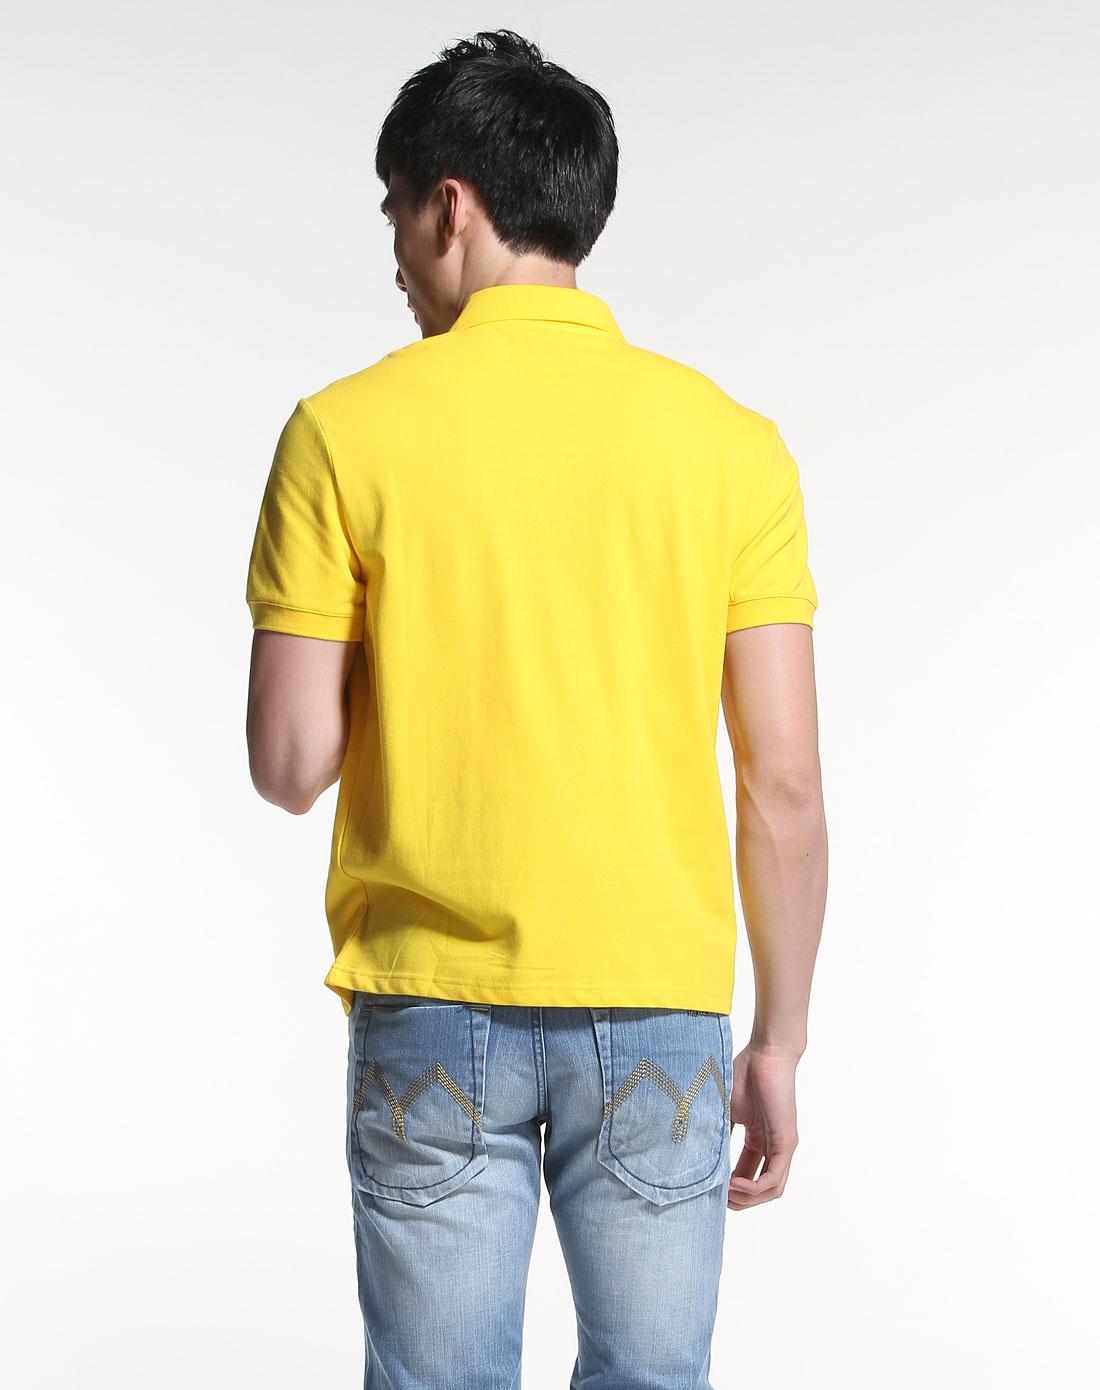 黄色时尚翻领短袖t恤衫